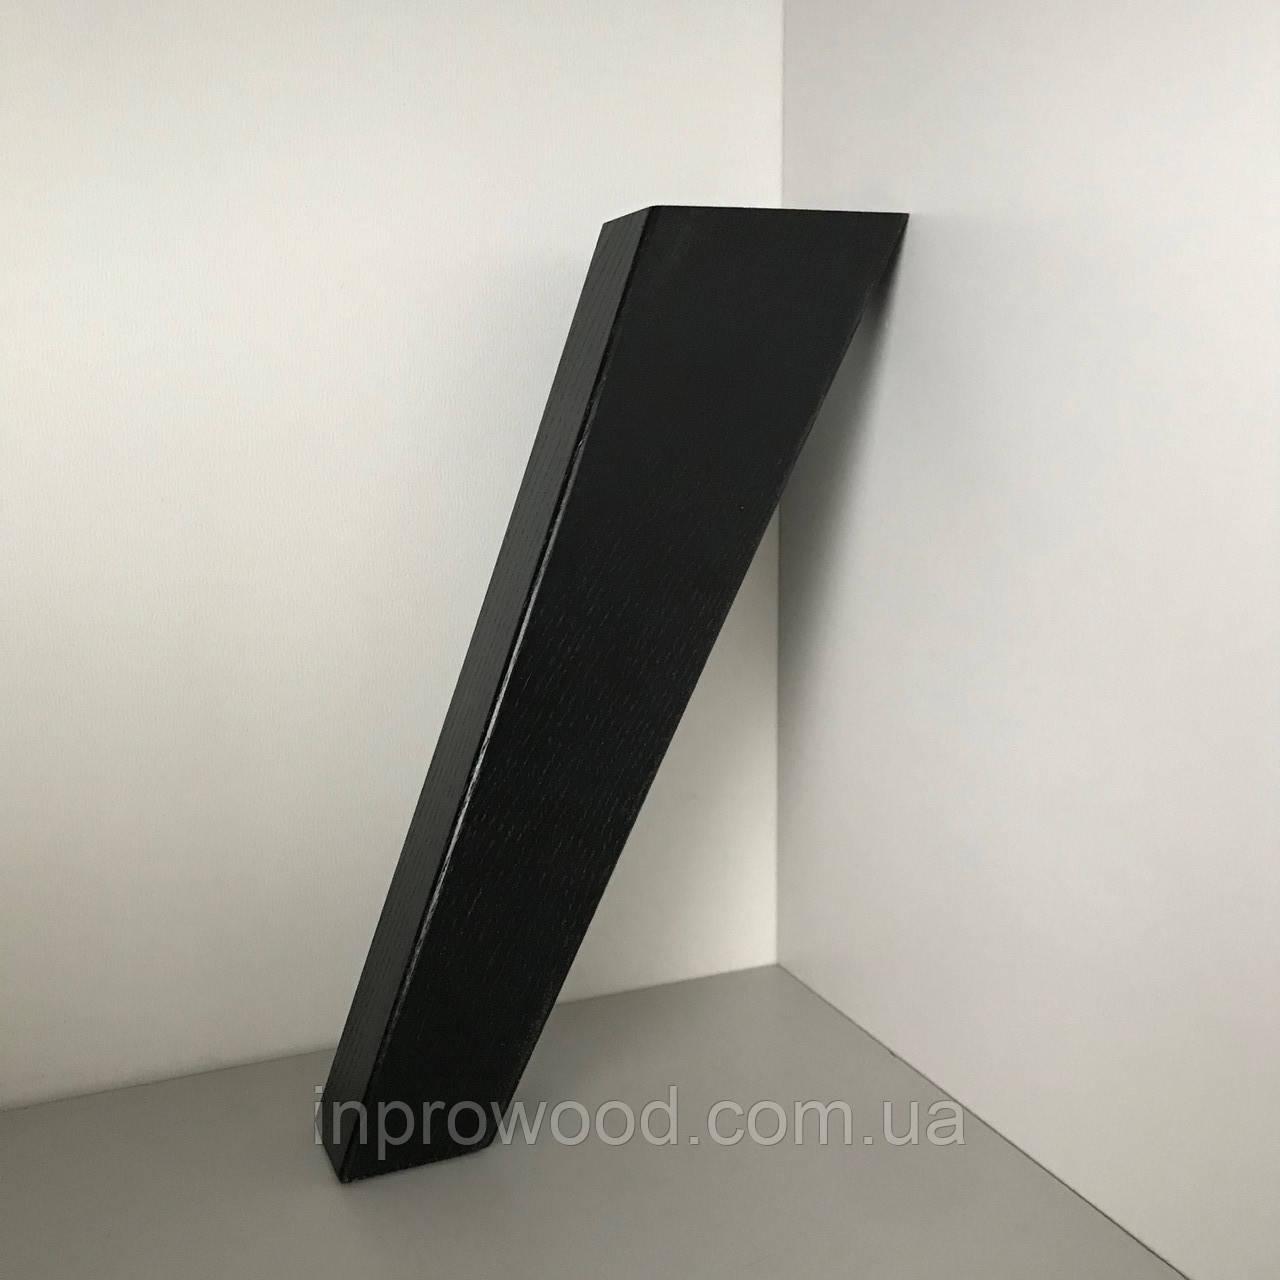 Деревяннае меблева ніжка, меблева опора Ясен 200 мм скошена Чорна